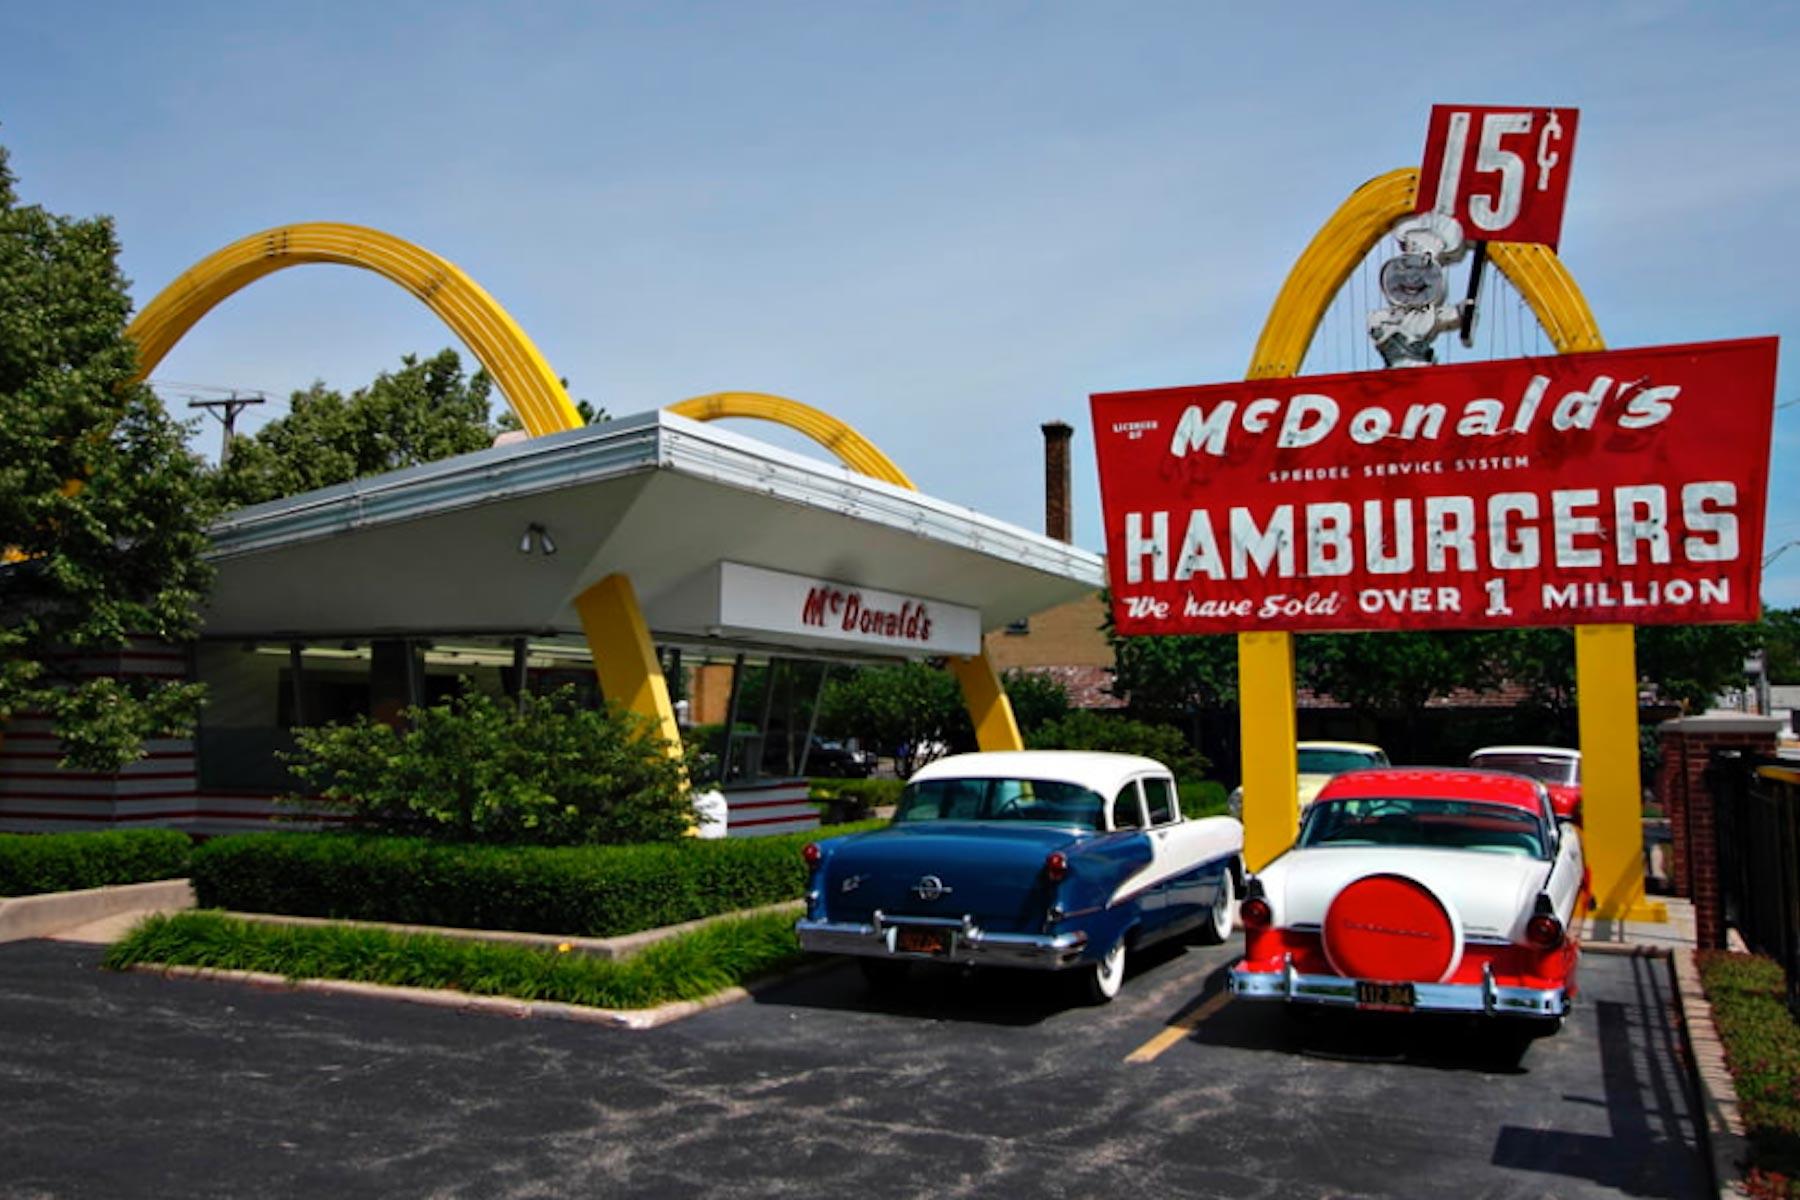 2018 Mecum Chicago McDonalds Collection Auction